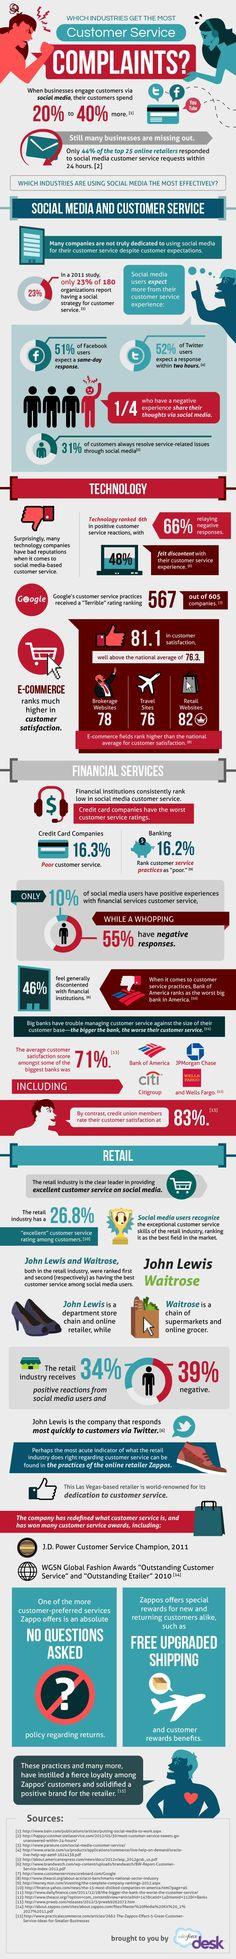 Quais mercados recebem mais reclamações de seus consumidores nas redes sociais? #Infografico #SocialMedia